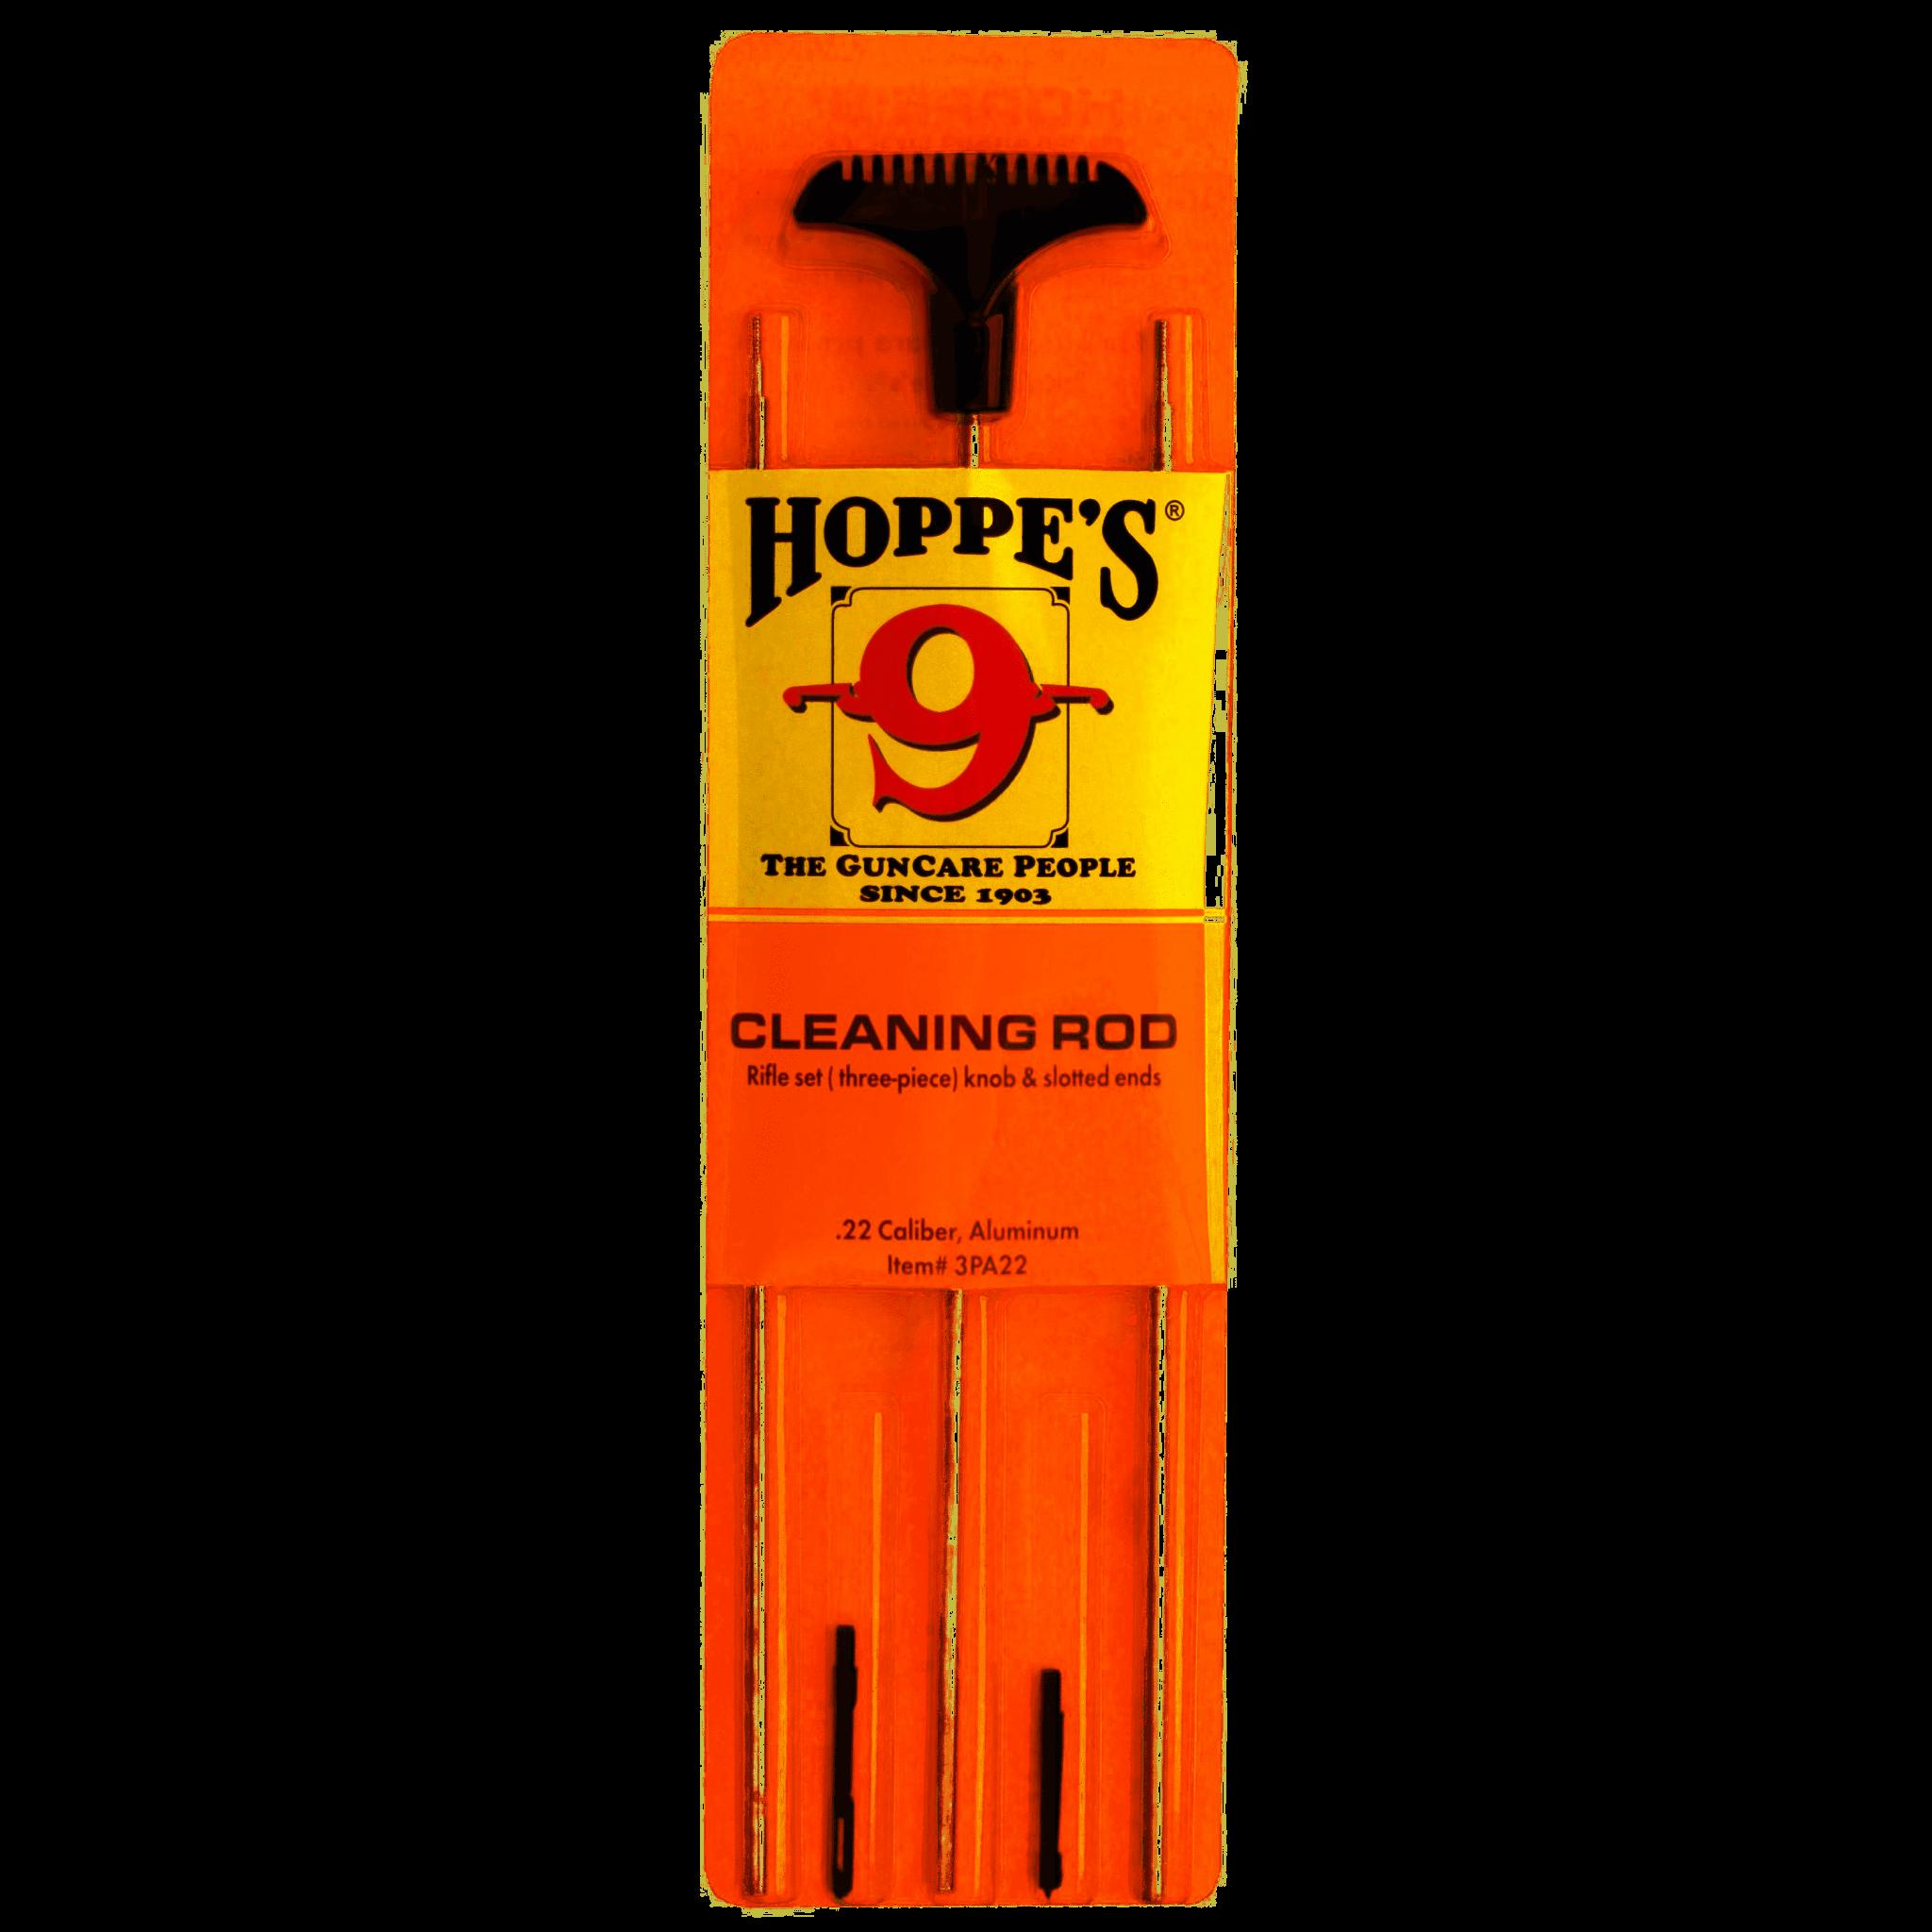 Hoppe's Hoppe's 3pc Rifle Set knob & slotted ends 22cal